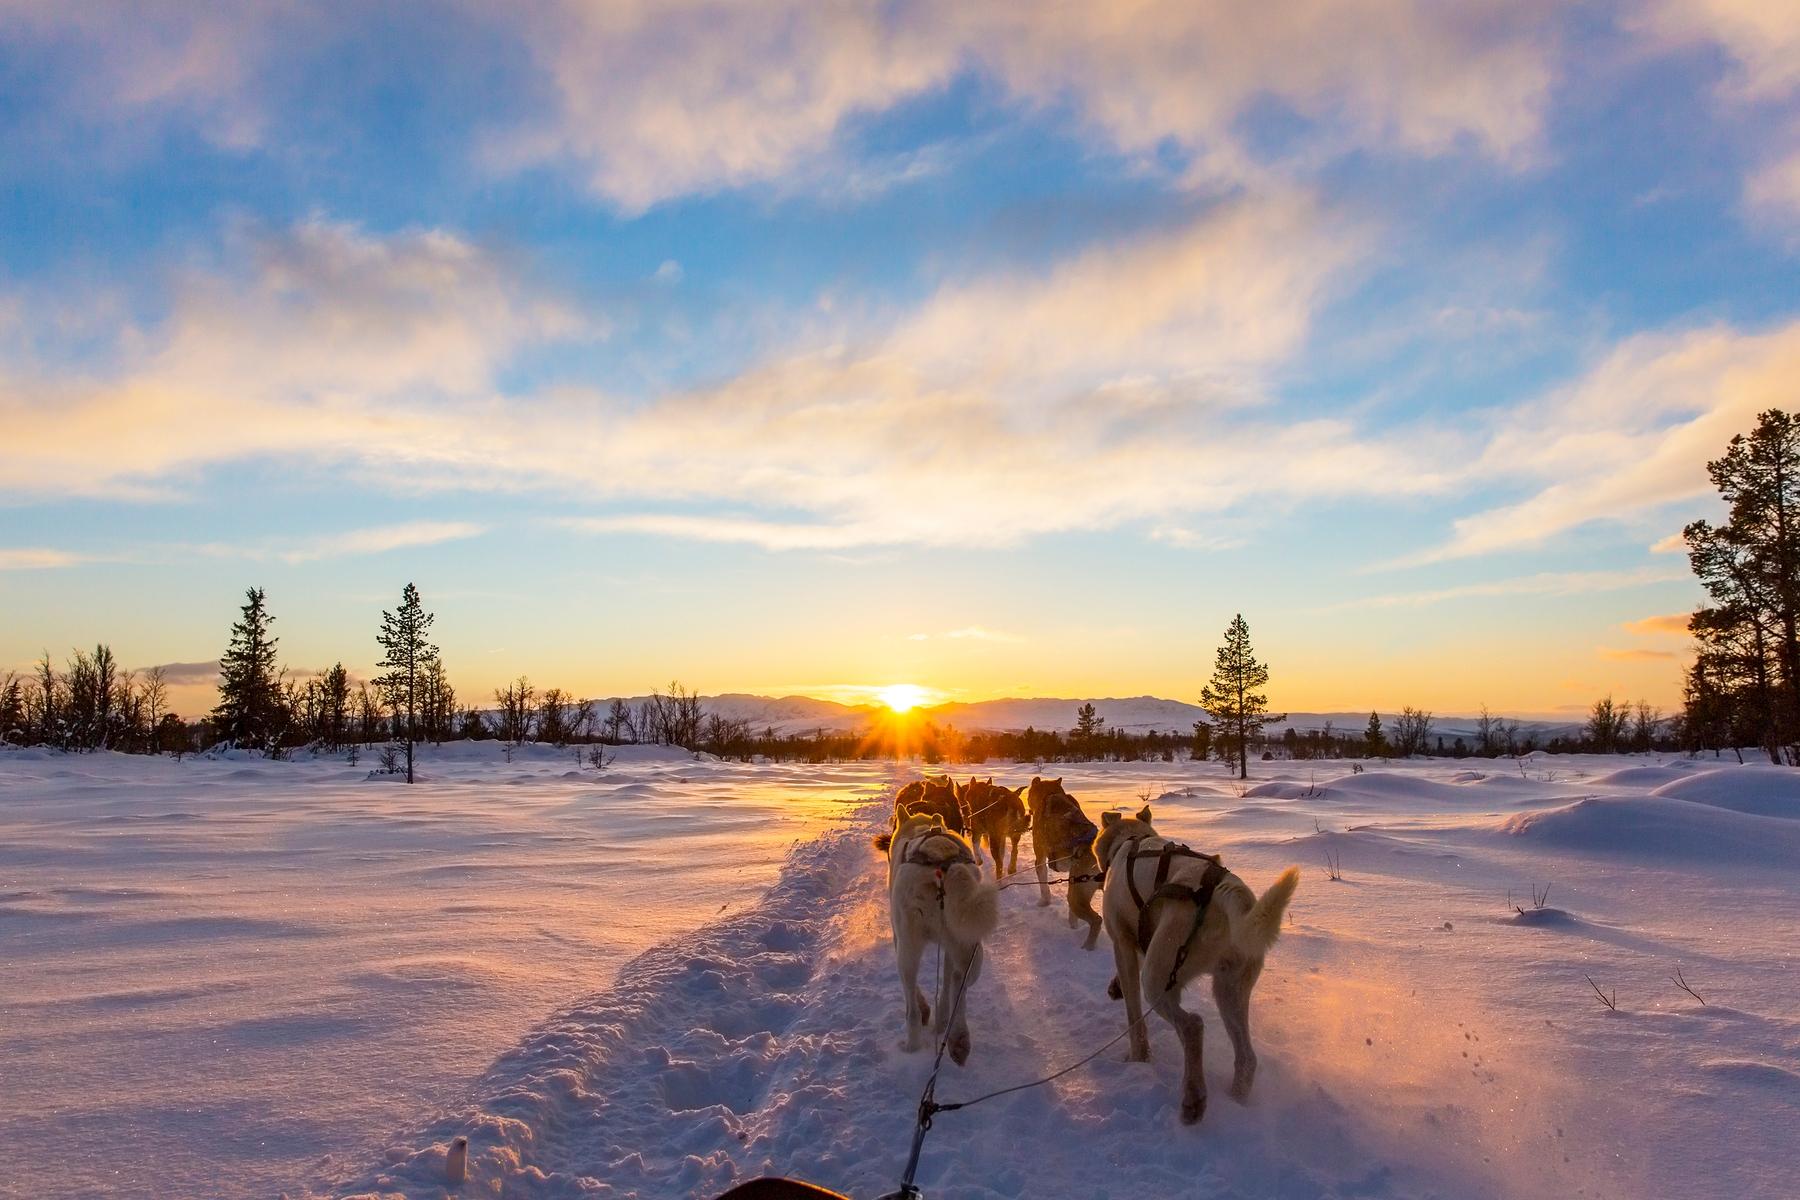 Где отдохнуть в России зимой. Поездка на собачьих упряжках в Карелии